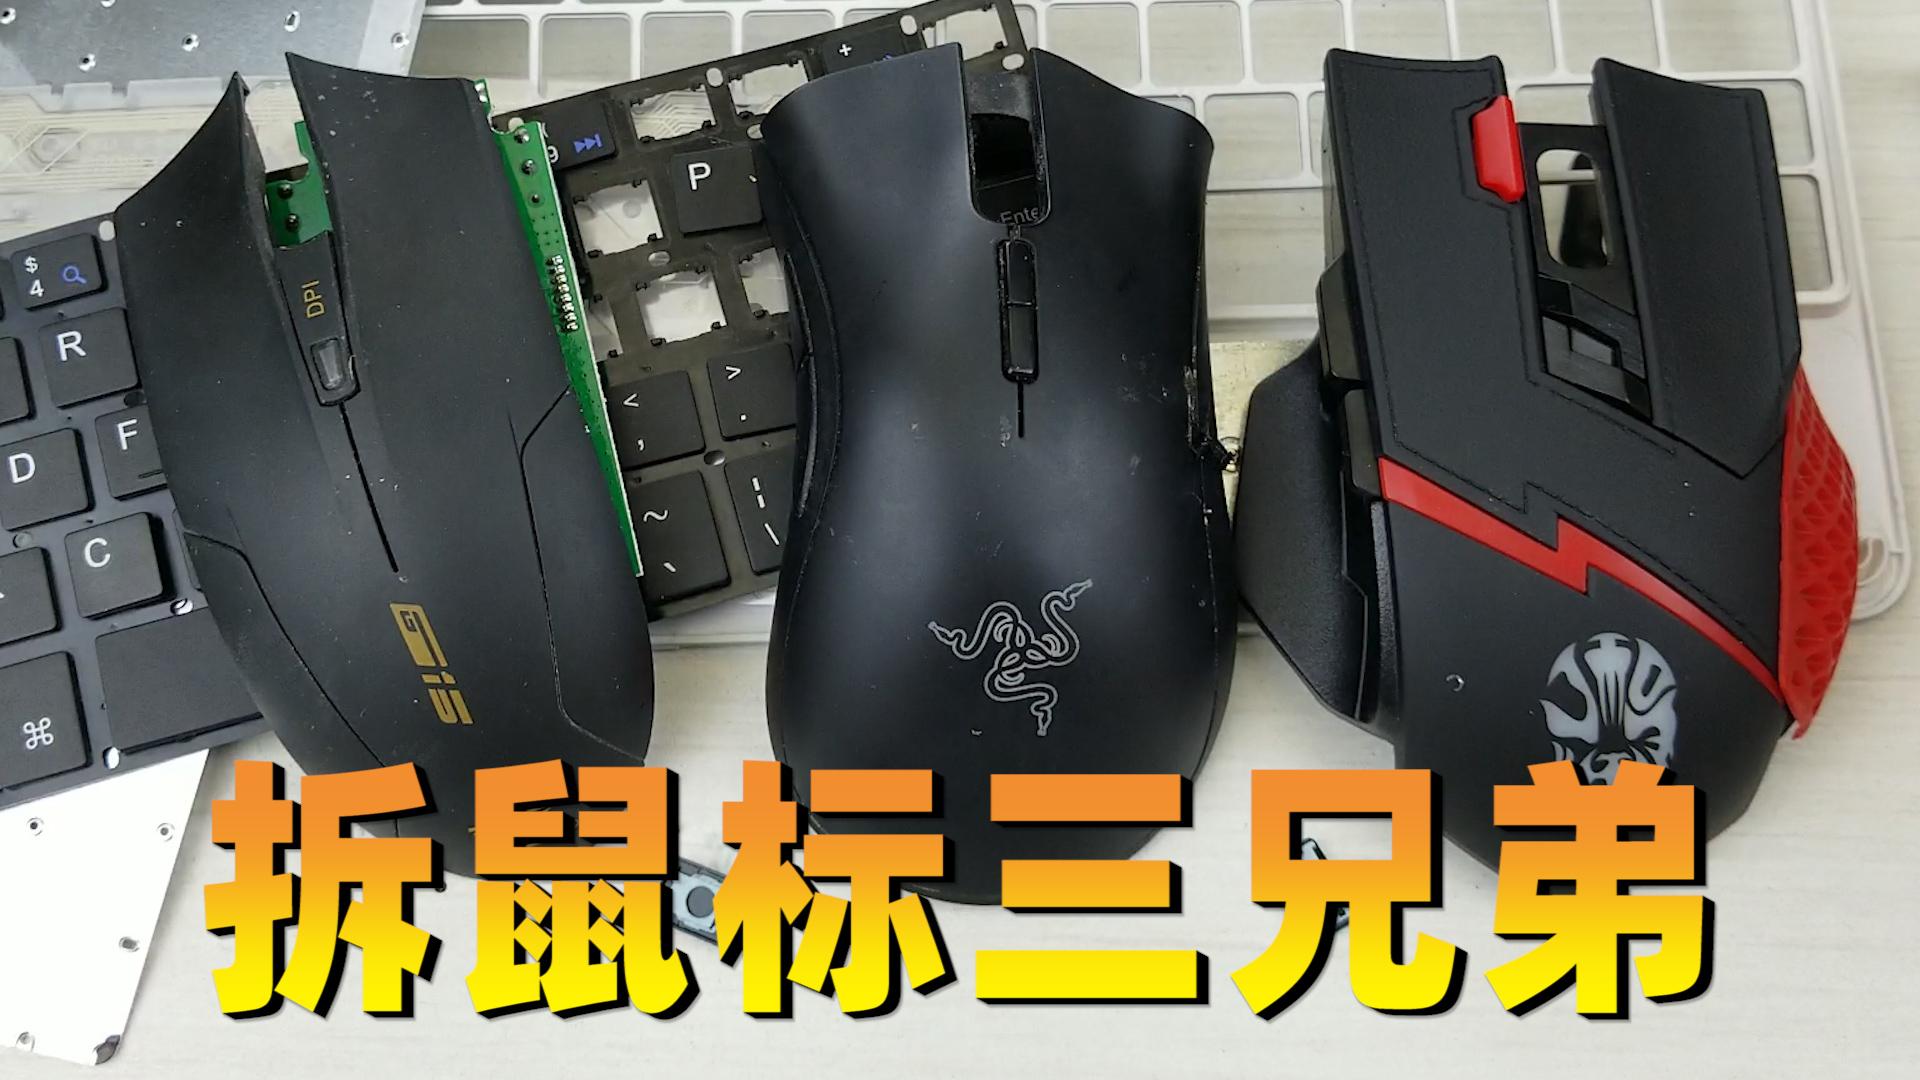 拆解三个游戏鼠标,分别看看高中低端鼠标内部的用料和做工